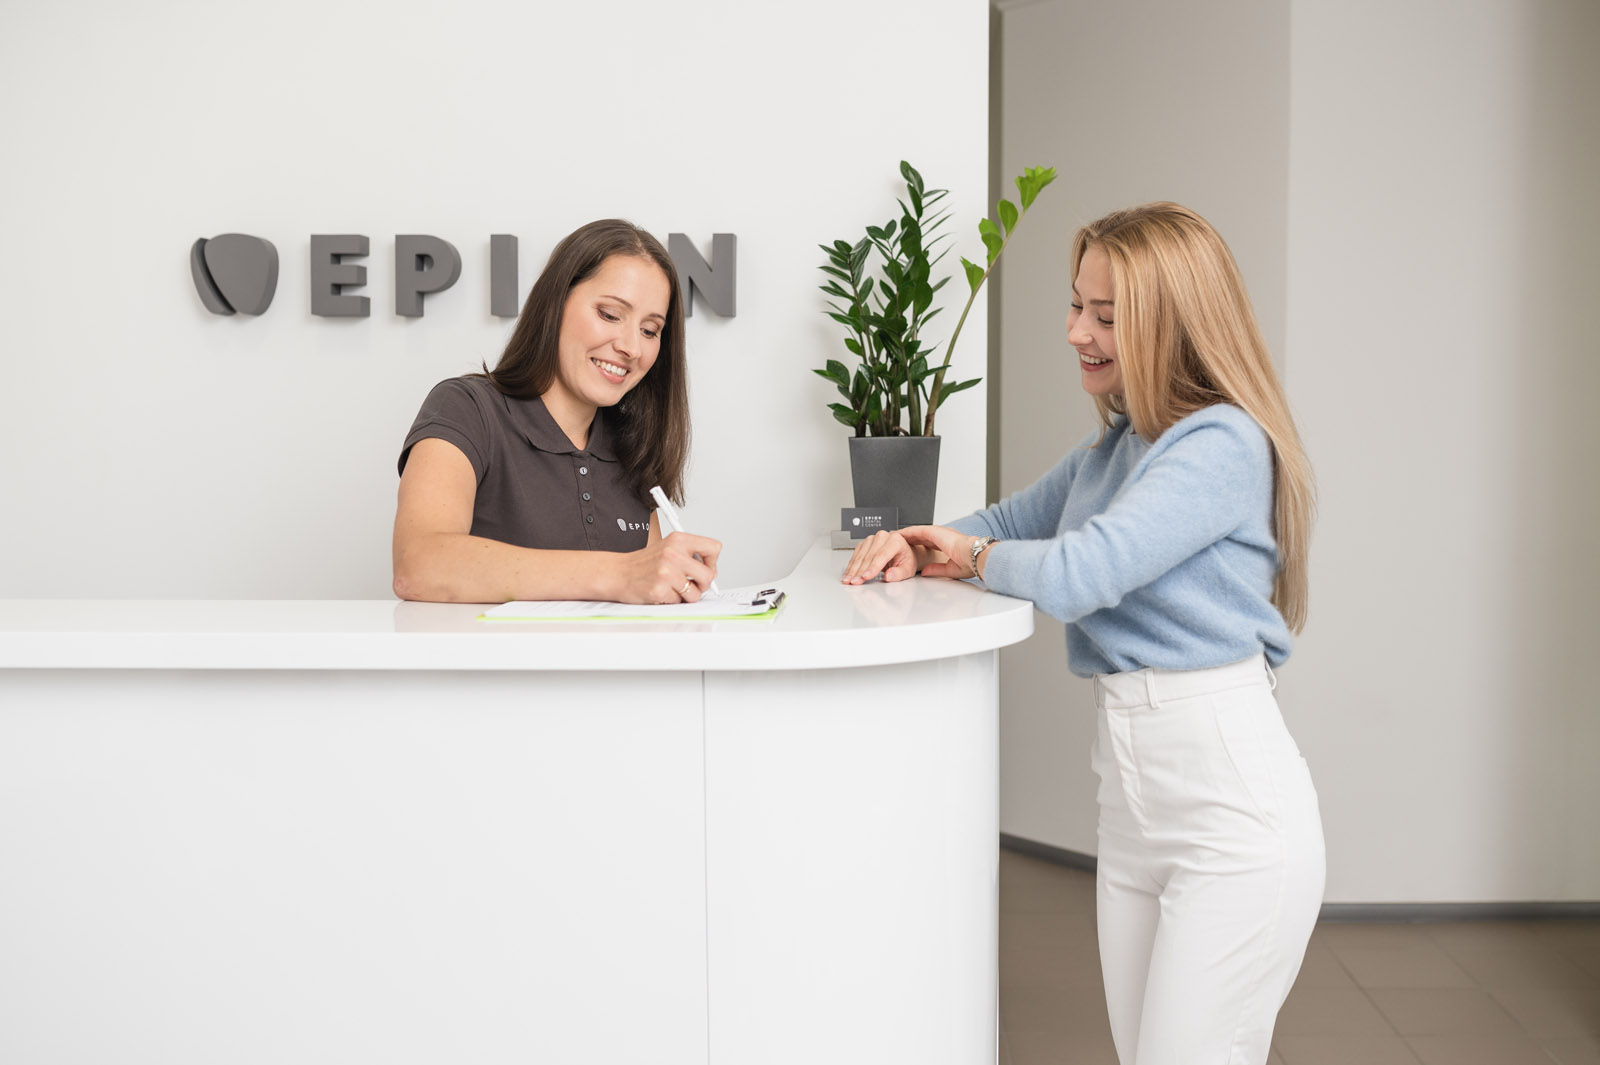 Стоматология Epion Dental Center на Лукьяновке — новый стандарт предоставления стоматологических услуг в Киеве